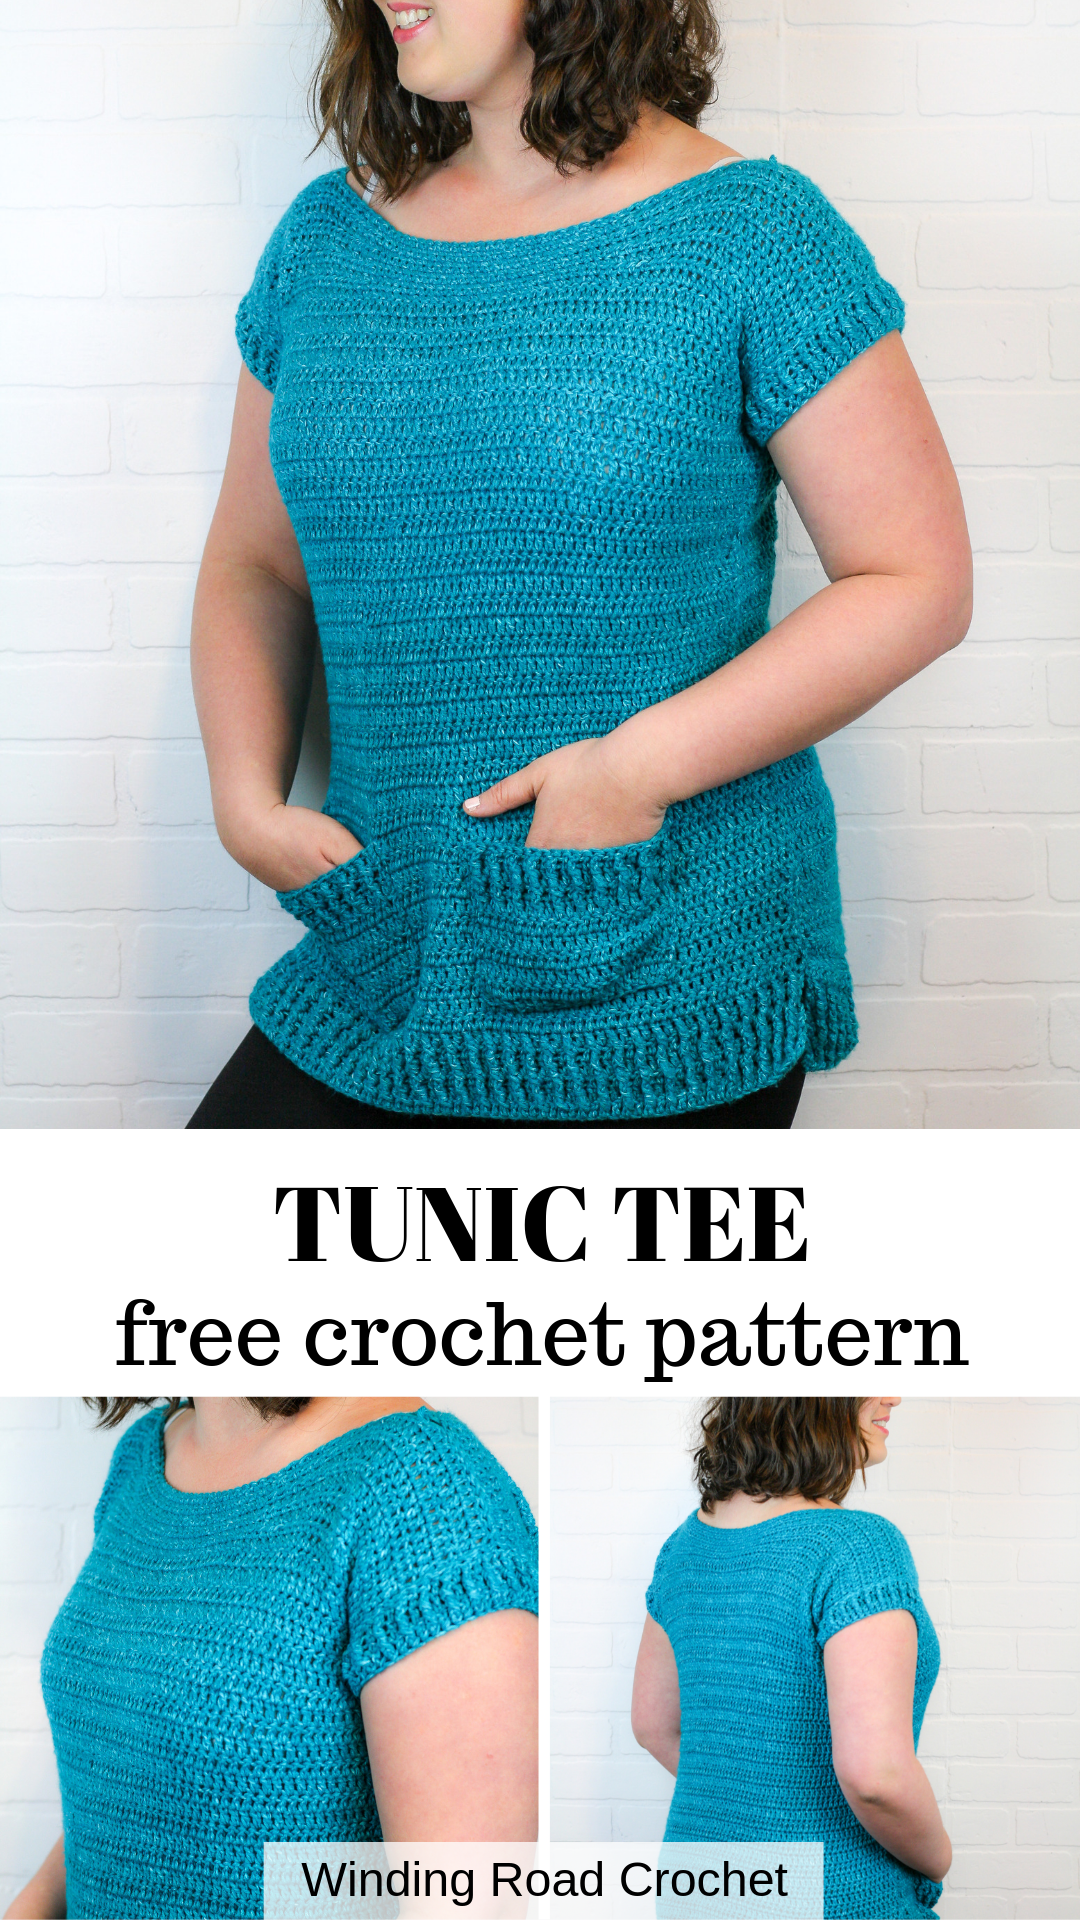 Crochet Tunic Tee Free Pattern - Winding Road Crochet